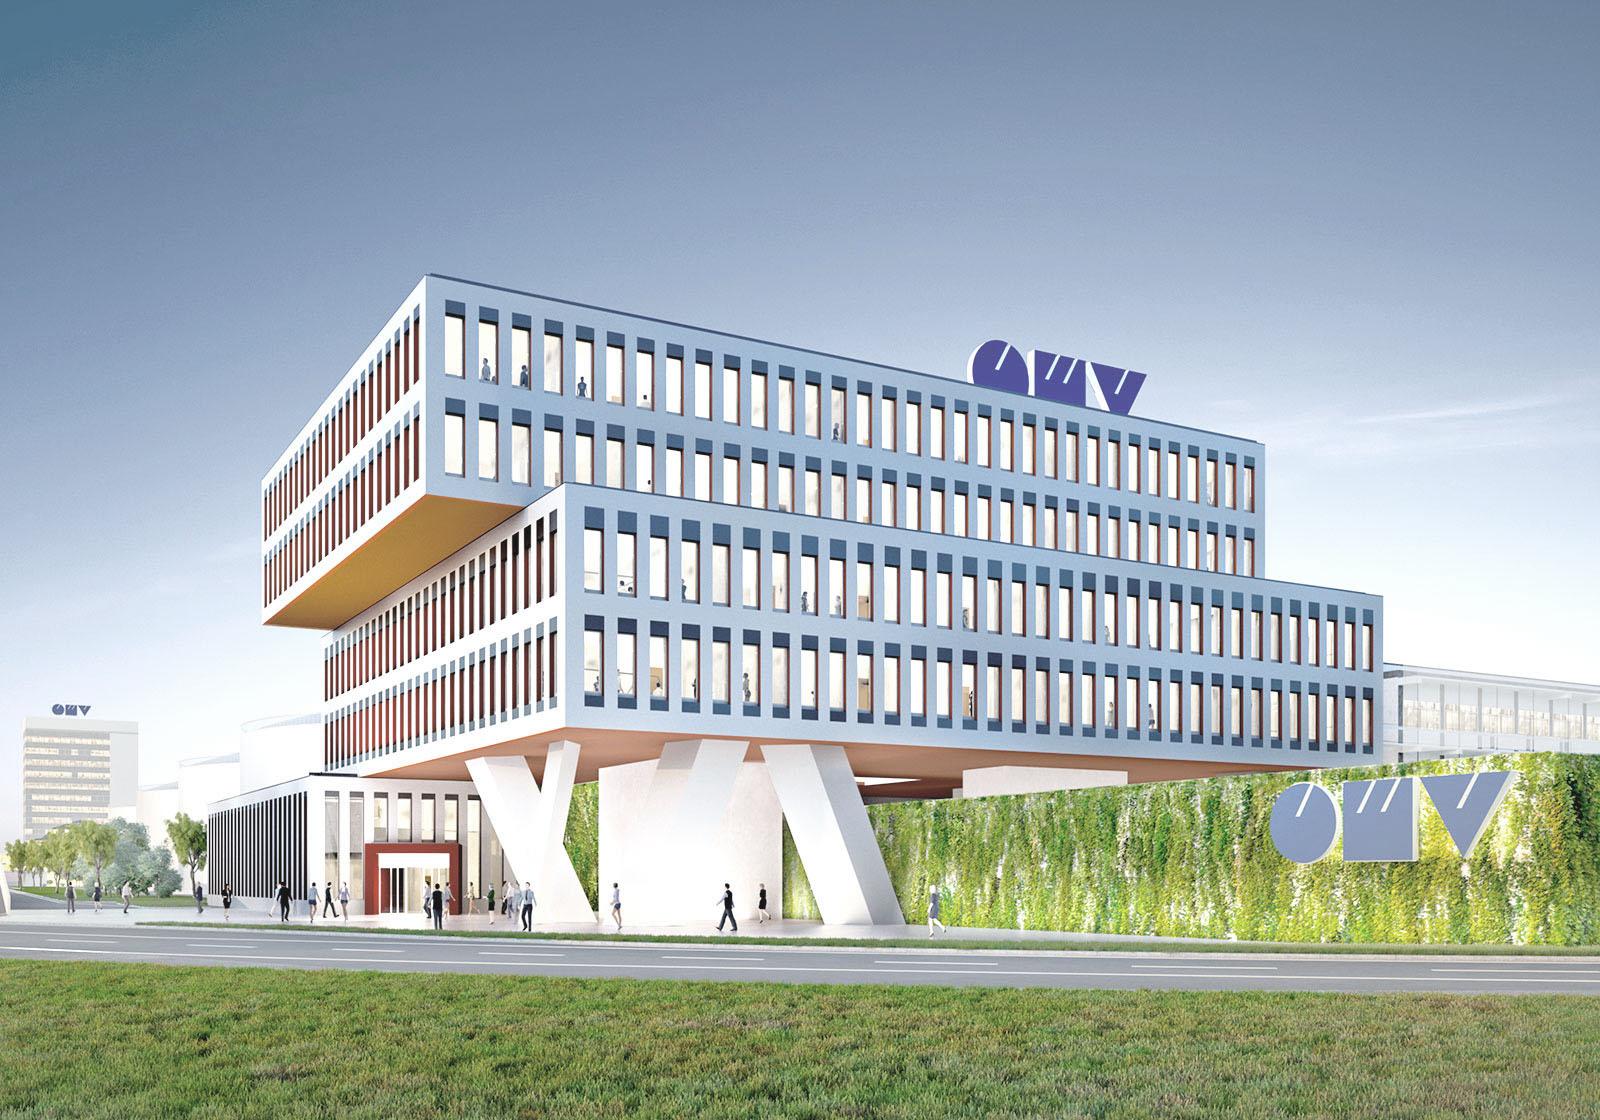 Entwurf für das OMV Hauptgebäude am Eingang zum Raffineriegelände. Visualisierung: Telegram 71, Giacomo Dodich